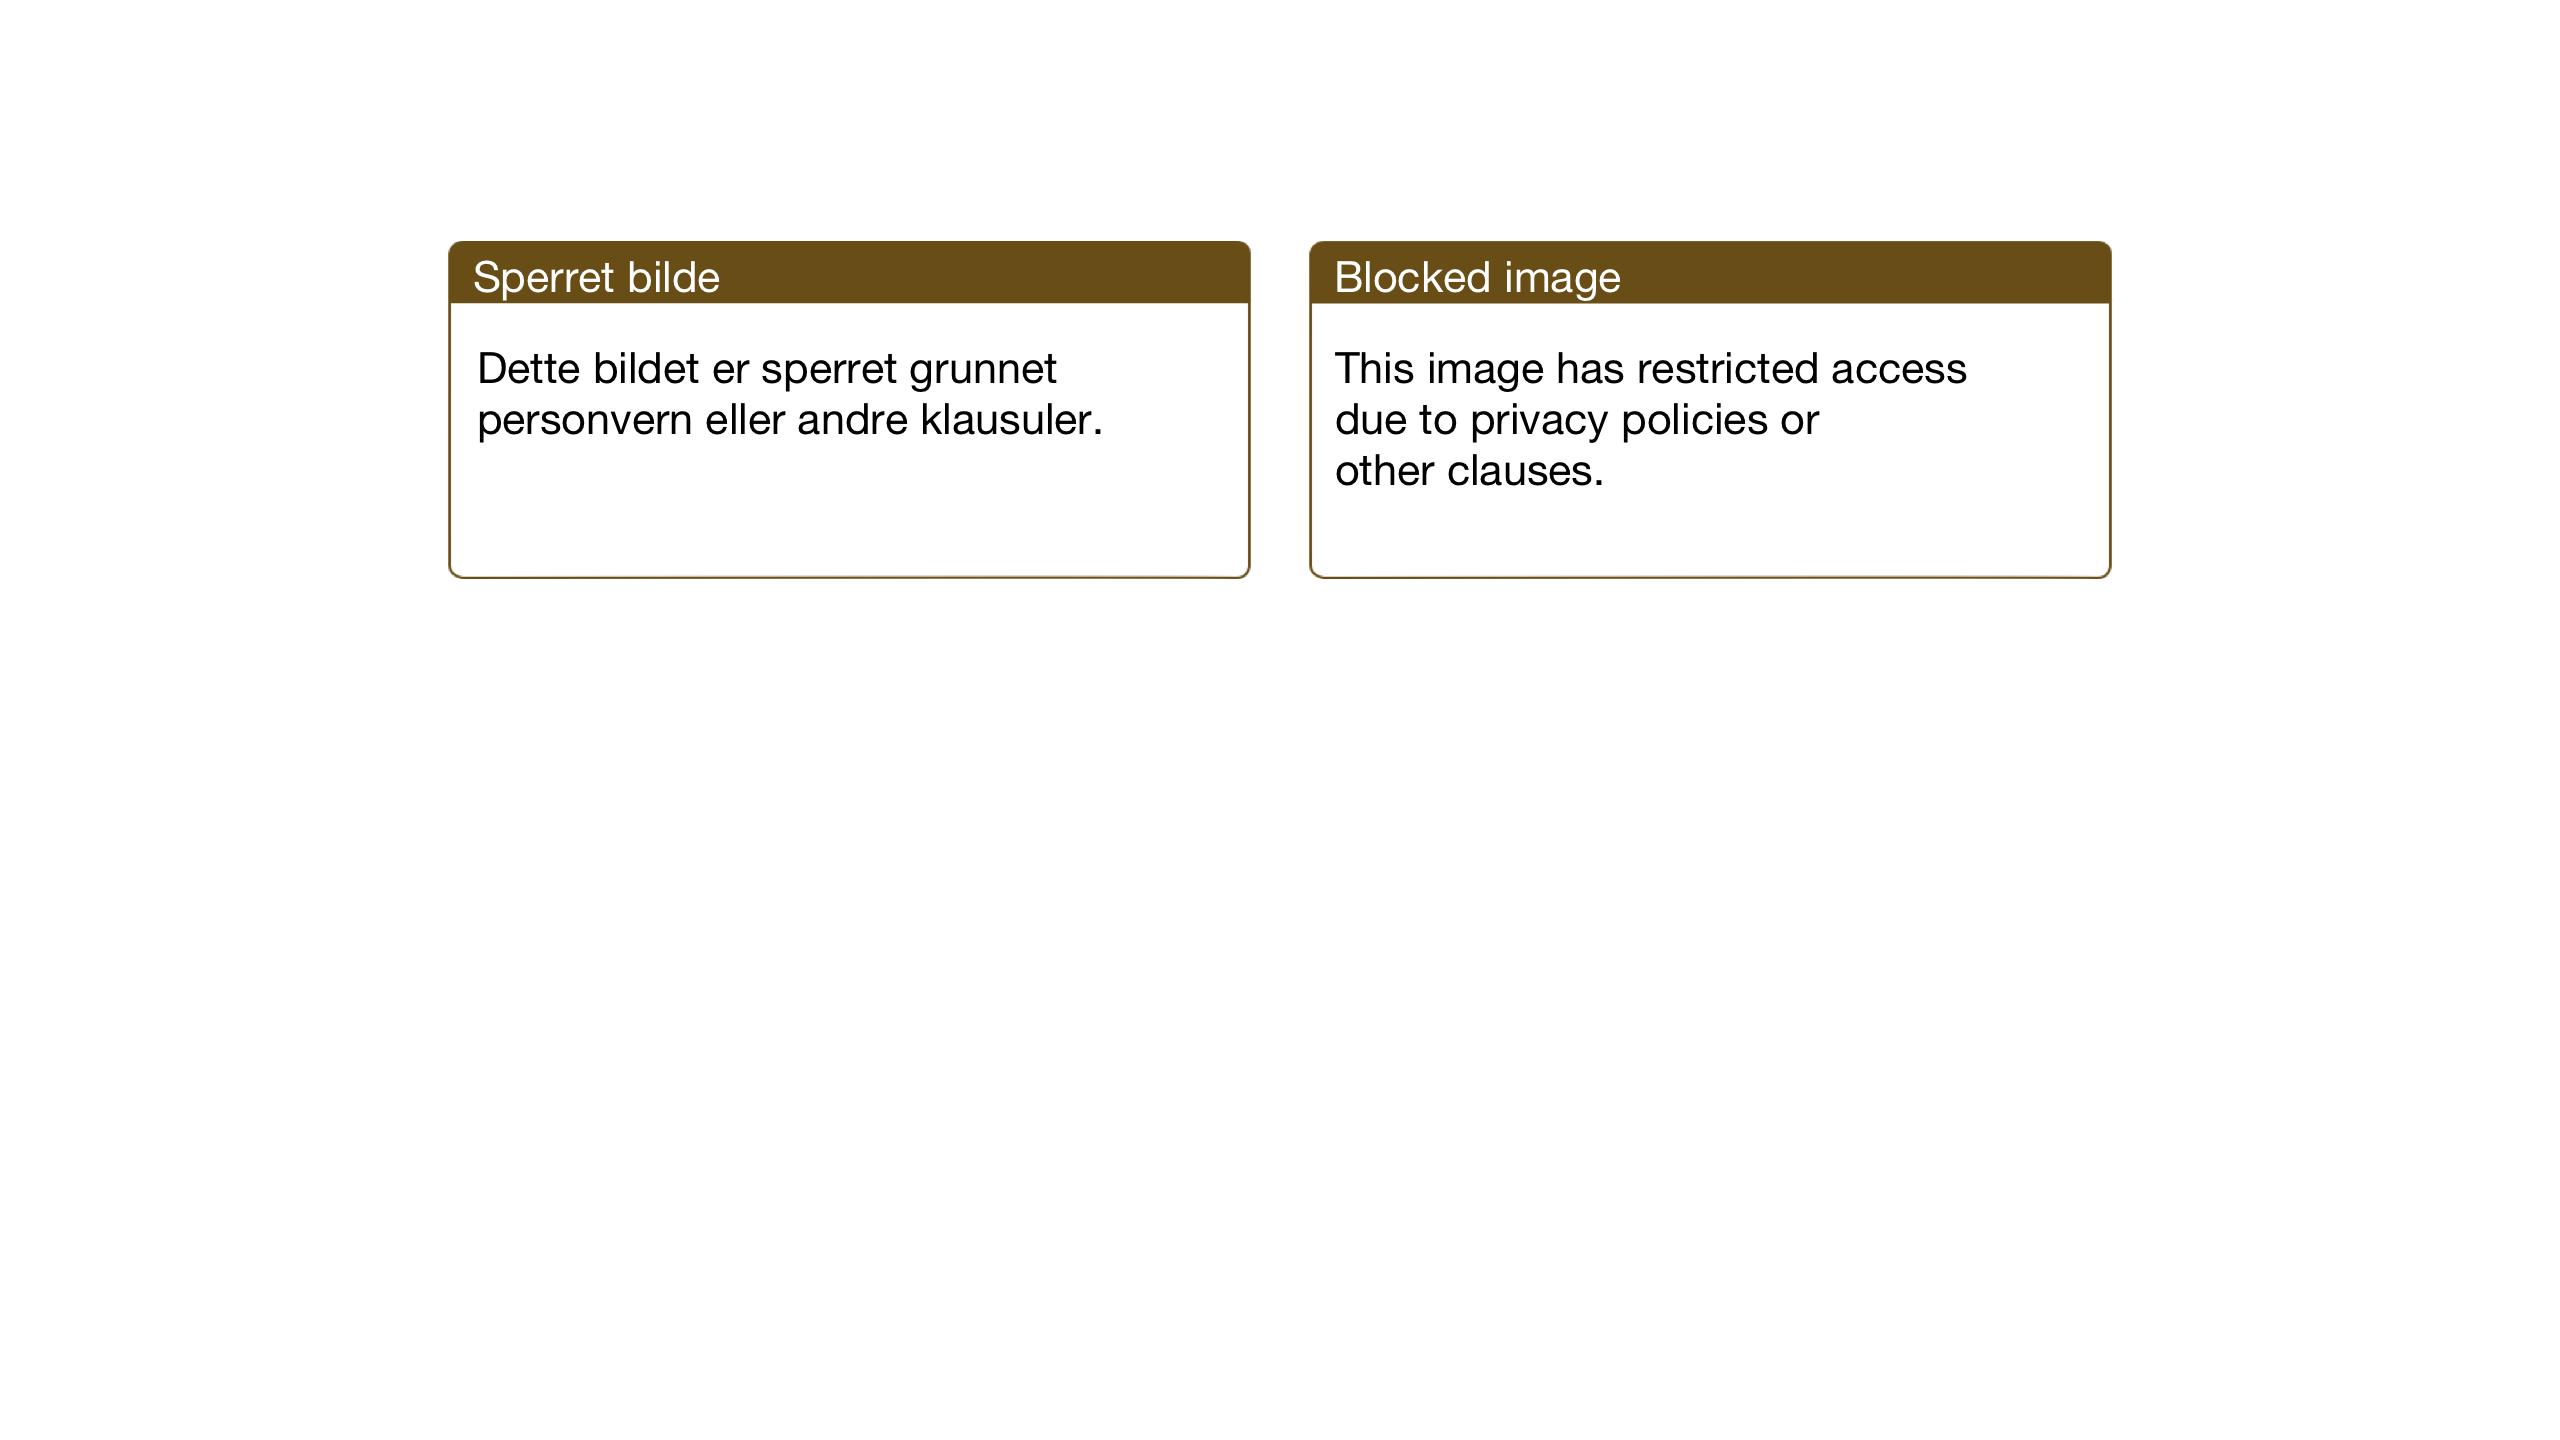 SAT, Ministerialprotokoller, klokkerbøker og fødselsregistre - Sør-Trøndelag, 618/L0454: Klokkerbok nr. 618C05, 1926-1946, s. 40